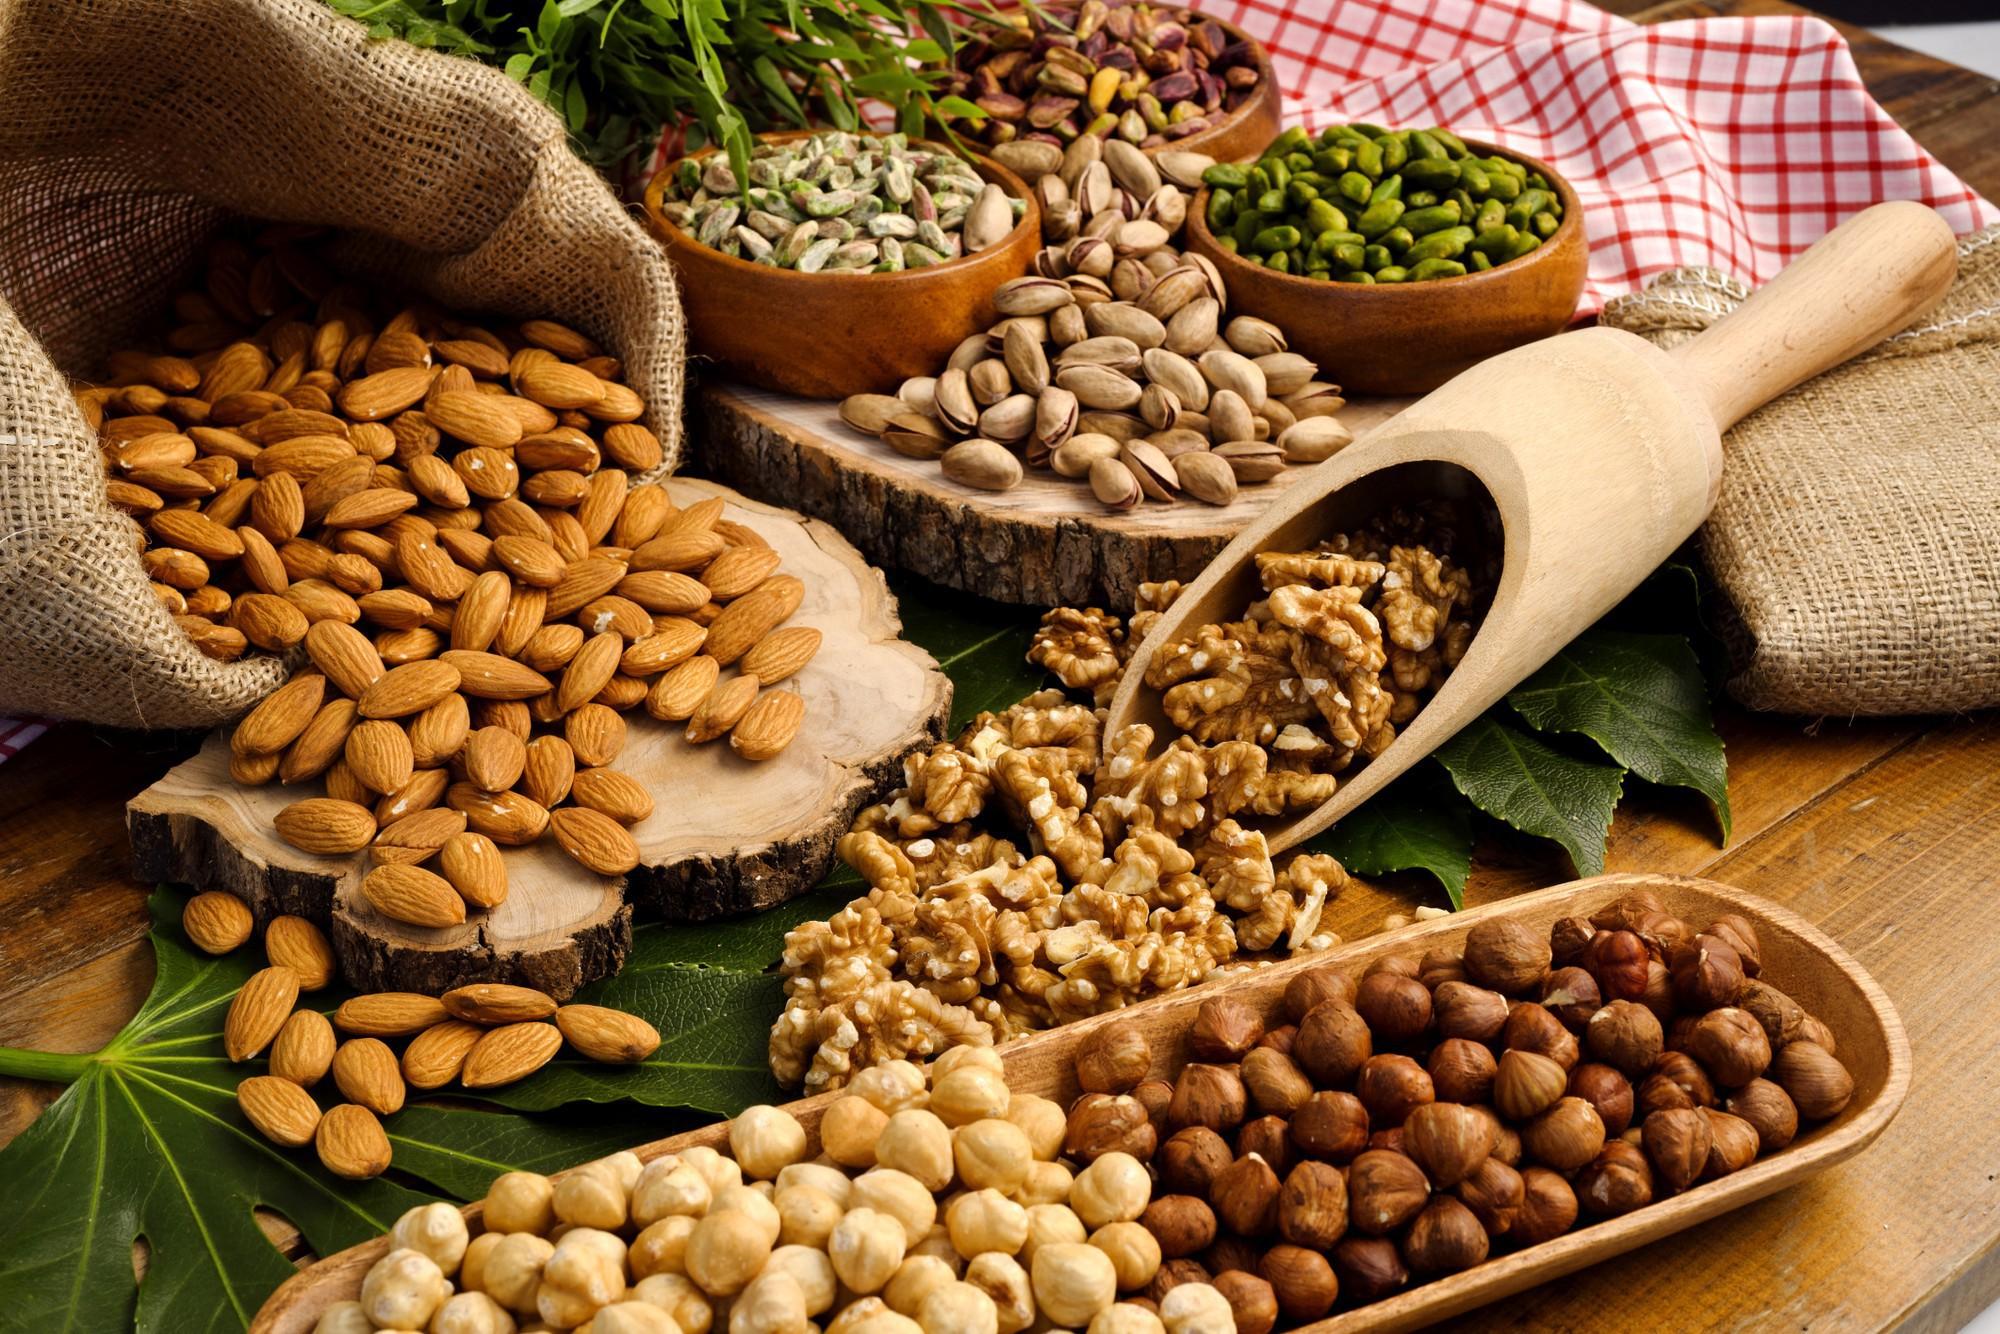 Chăm ăn 7 loại thực phẩm này giúp da giảm hẳn tình trạng nhờn mụn trong mùa hè - Ảnh 4.